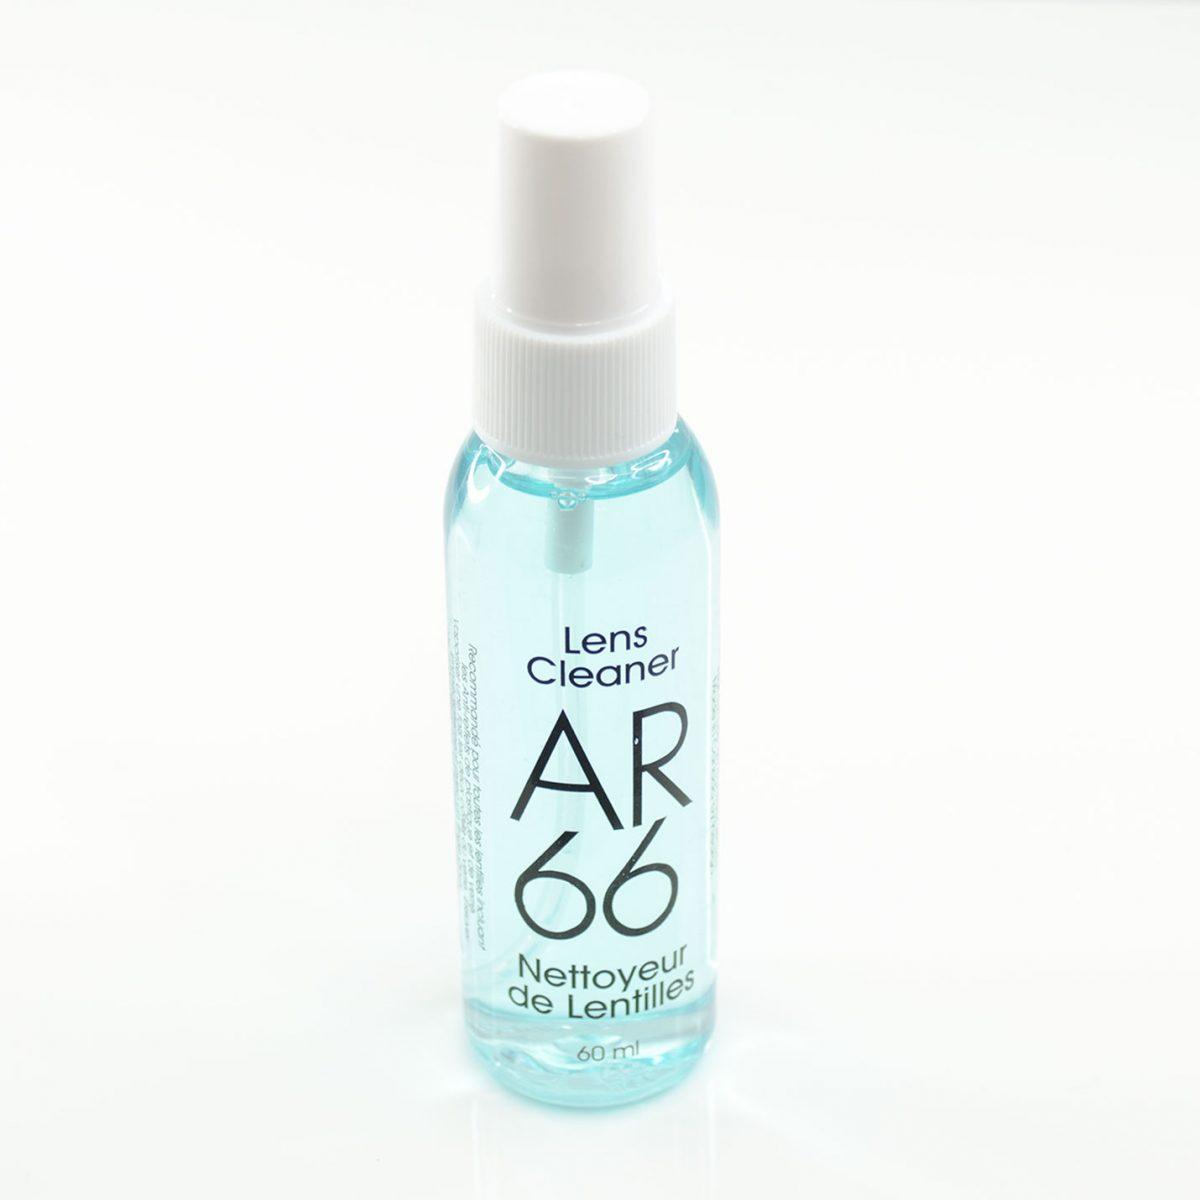 AR66-Anti-Reflection-Blue-60-ml